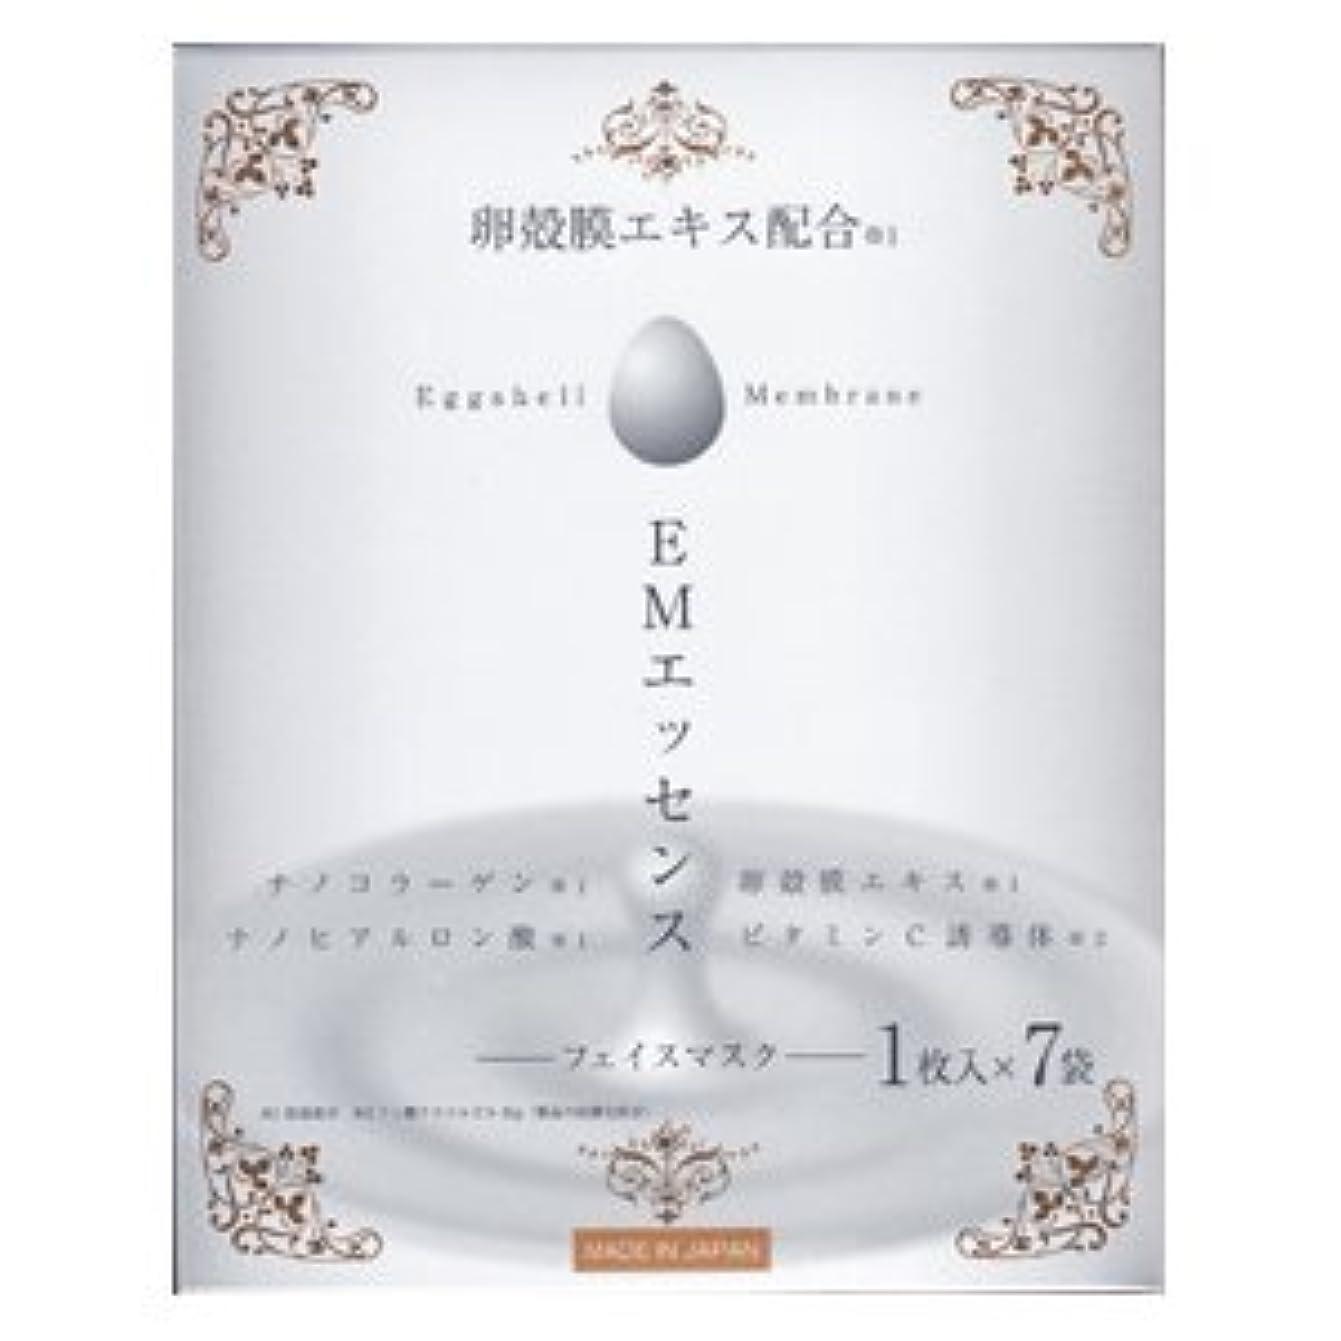 まっすぐにするブランデー横向き卵殻膜エキス配合 EMエッセンス フェイスマスク 1枚入×7袋